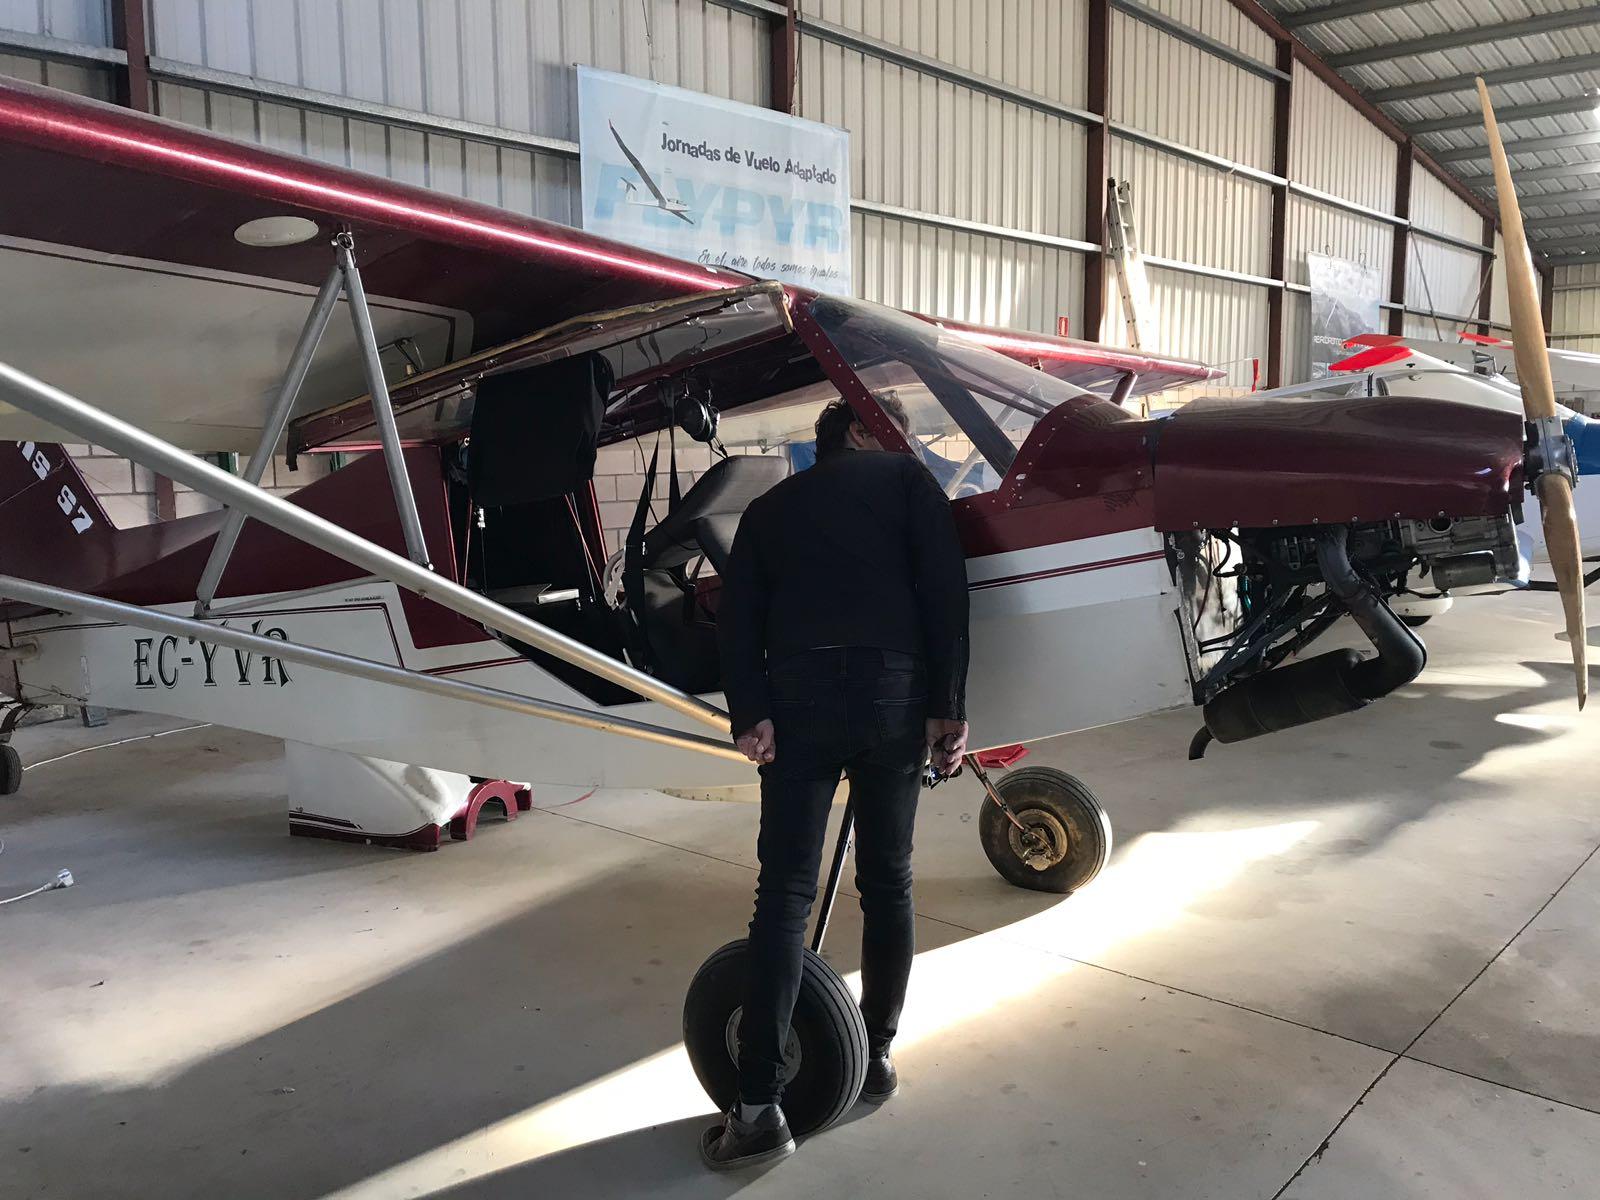 Avion-LECI-2